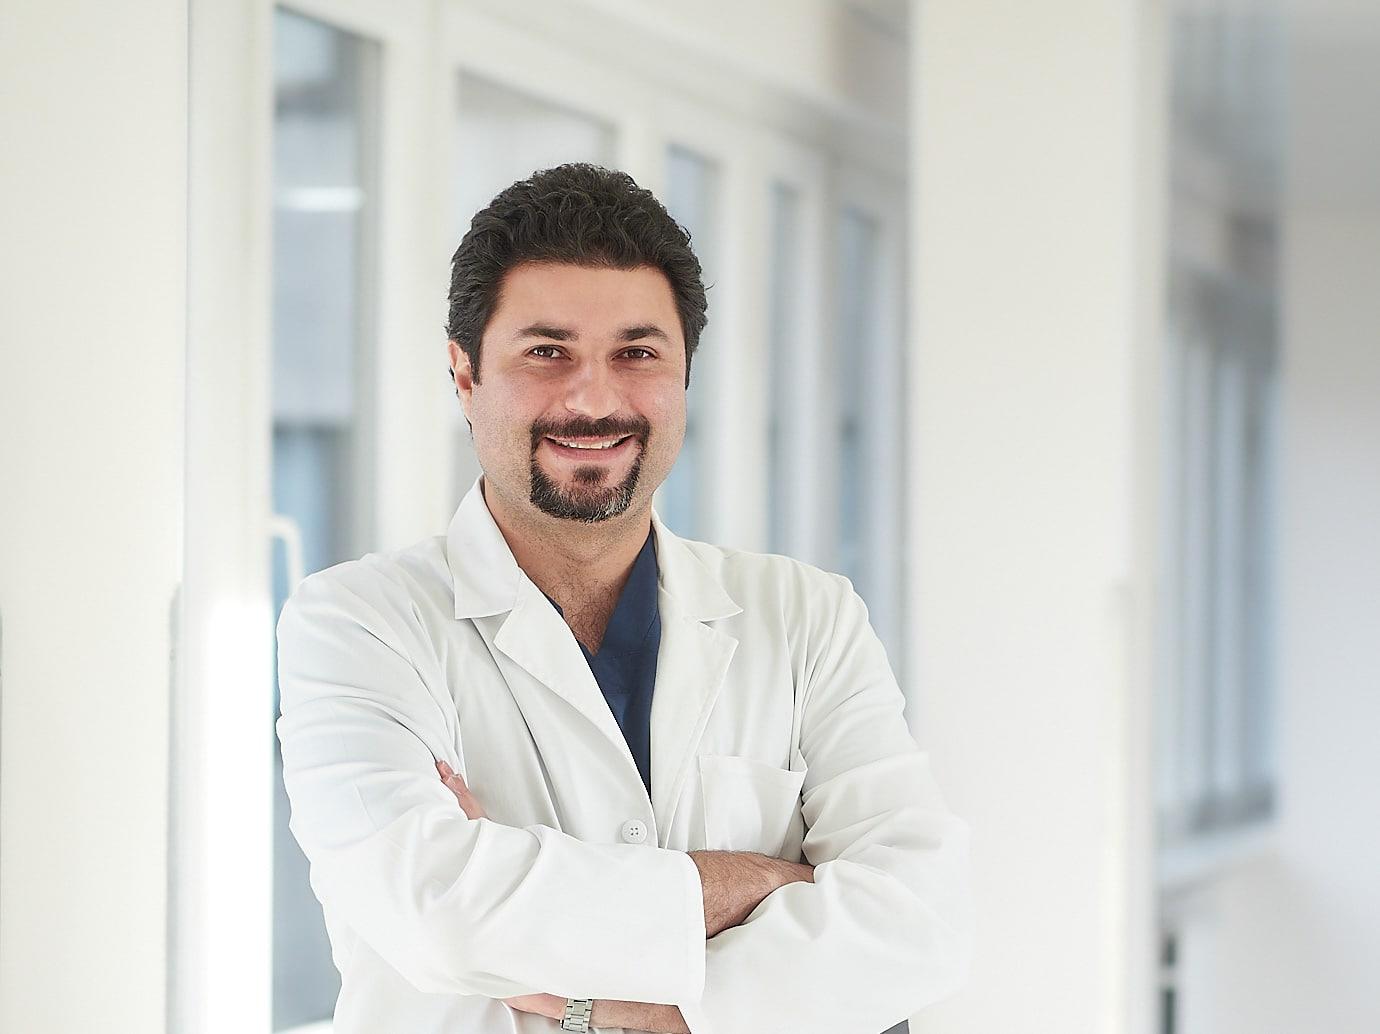 Абу-Хайдар Омар Бассамович